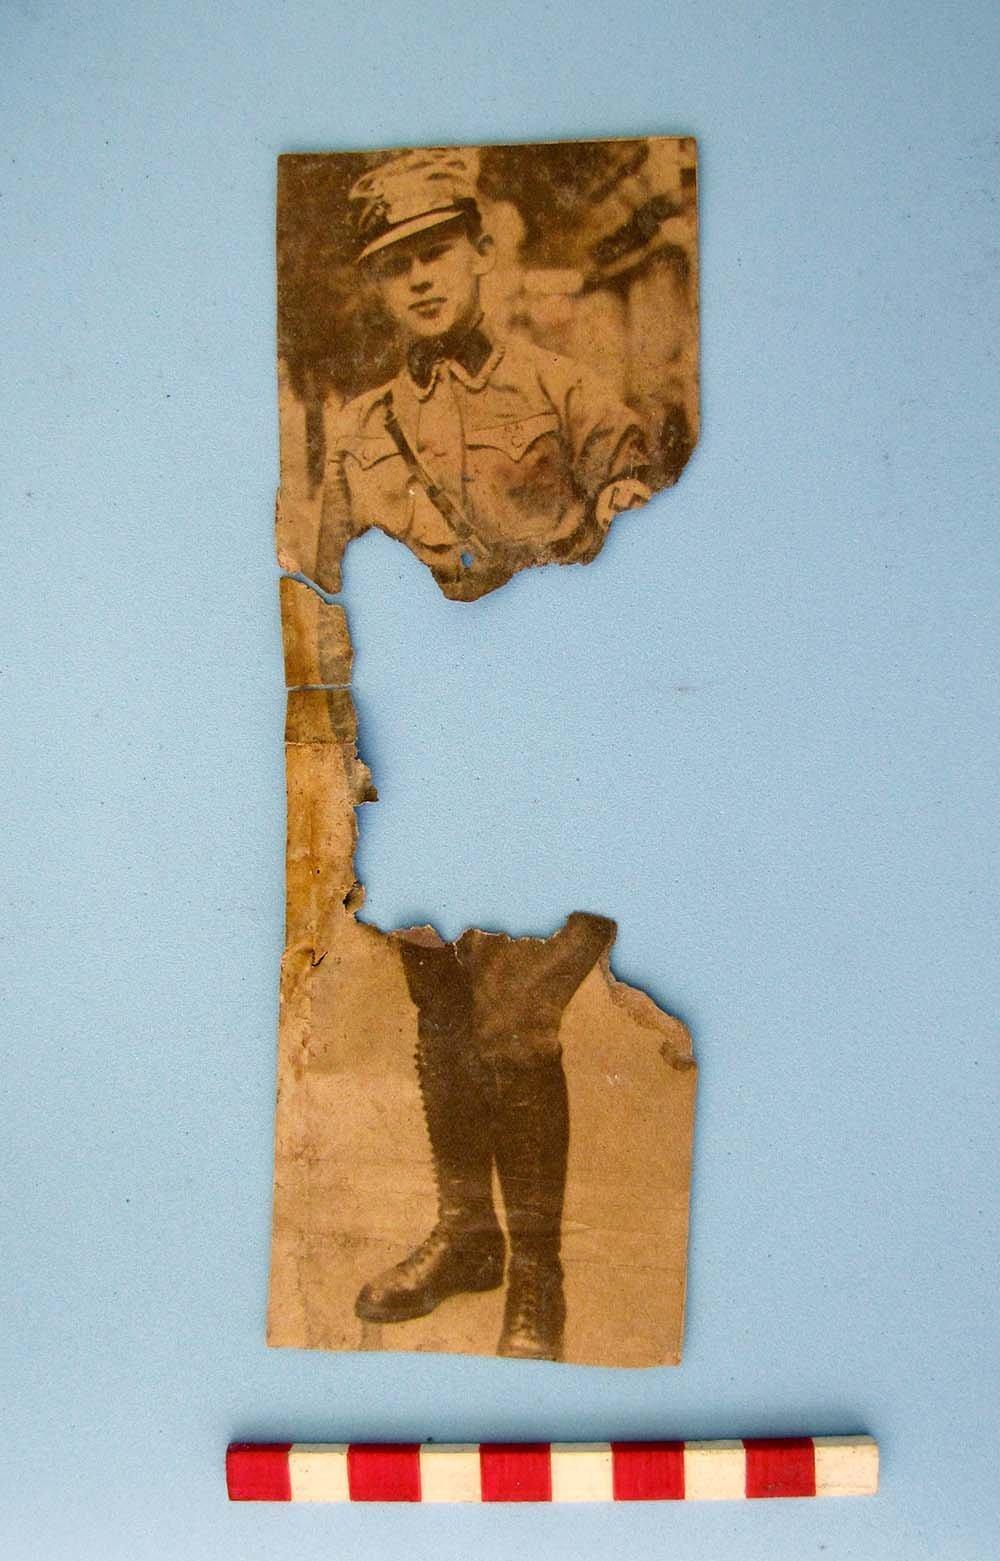 Un recorte de diario con una persona en uniforme fascista encontrado en las ruinas de Teyú Cuaré, el supuesto refugio nazis en Misiones, Argentinas